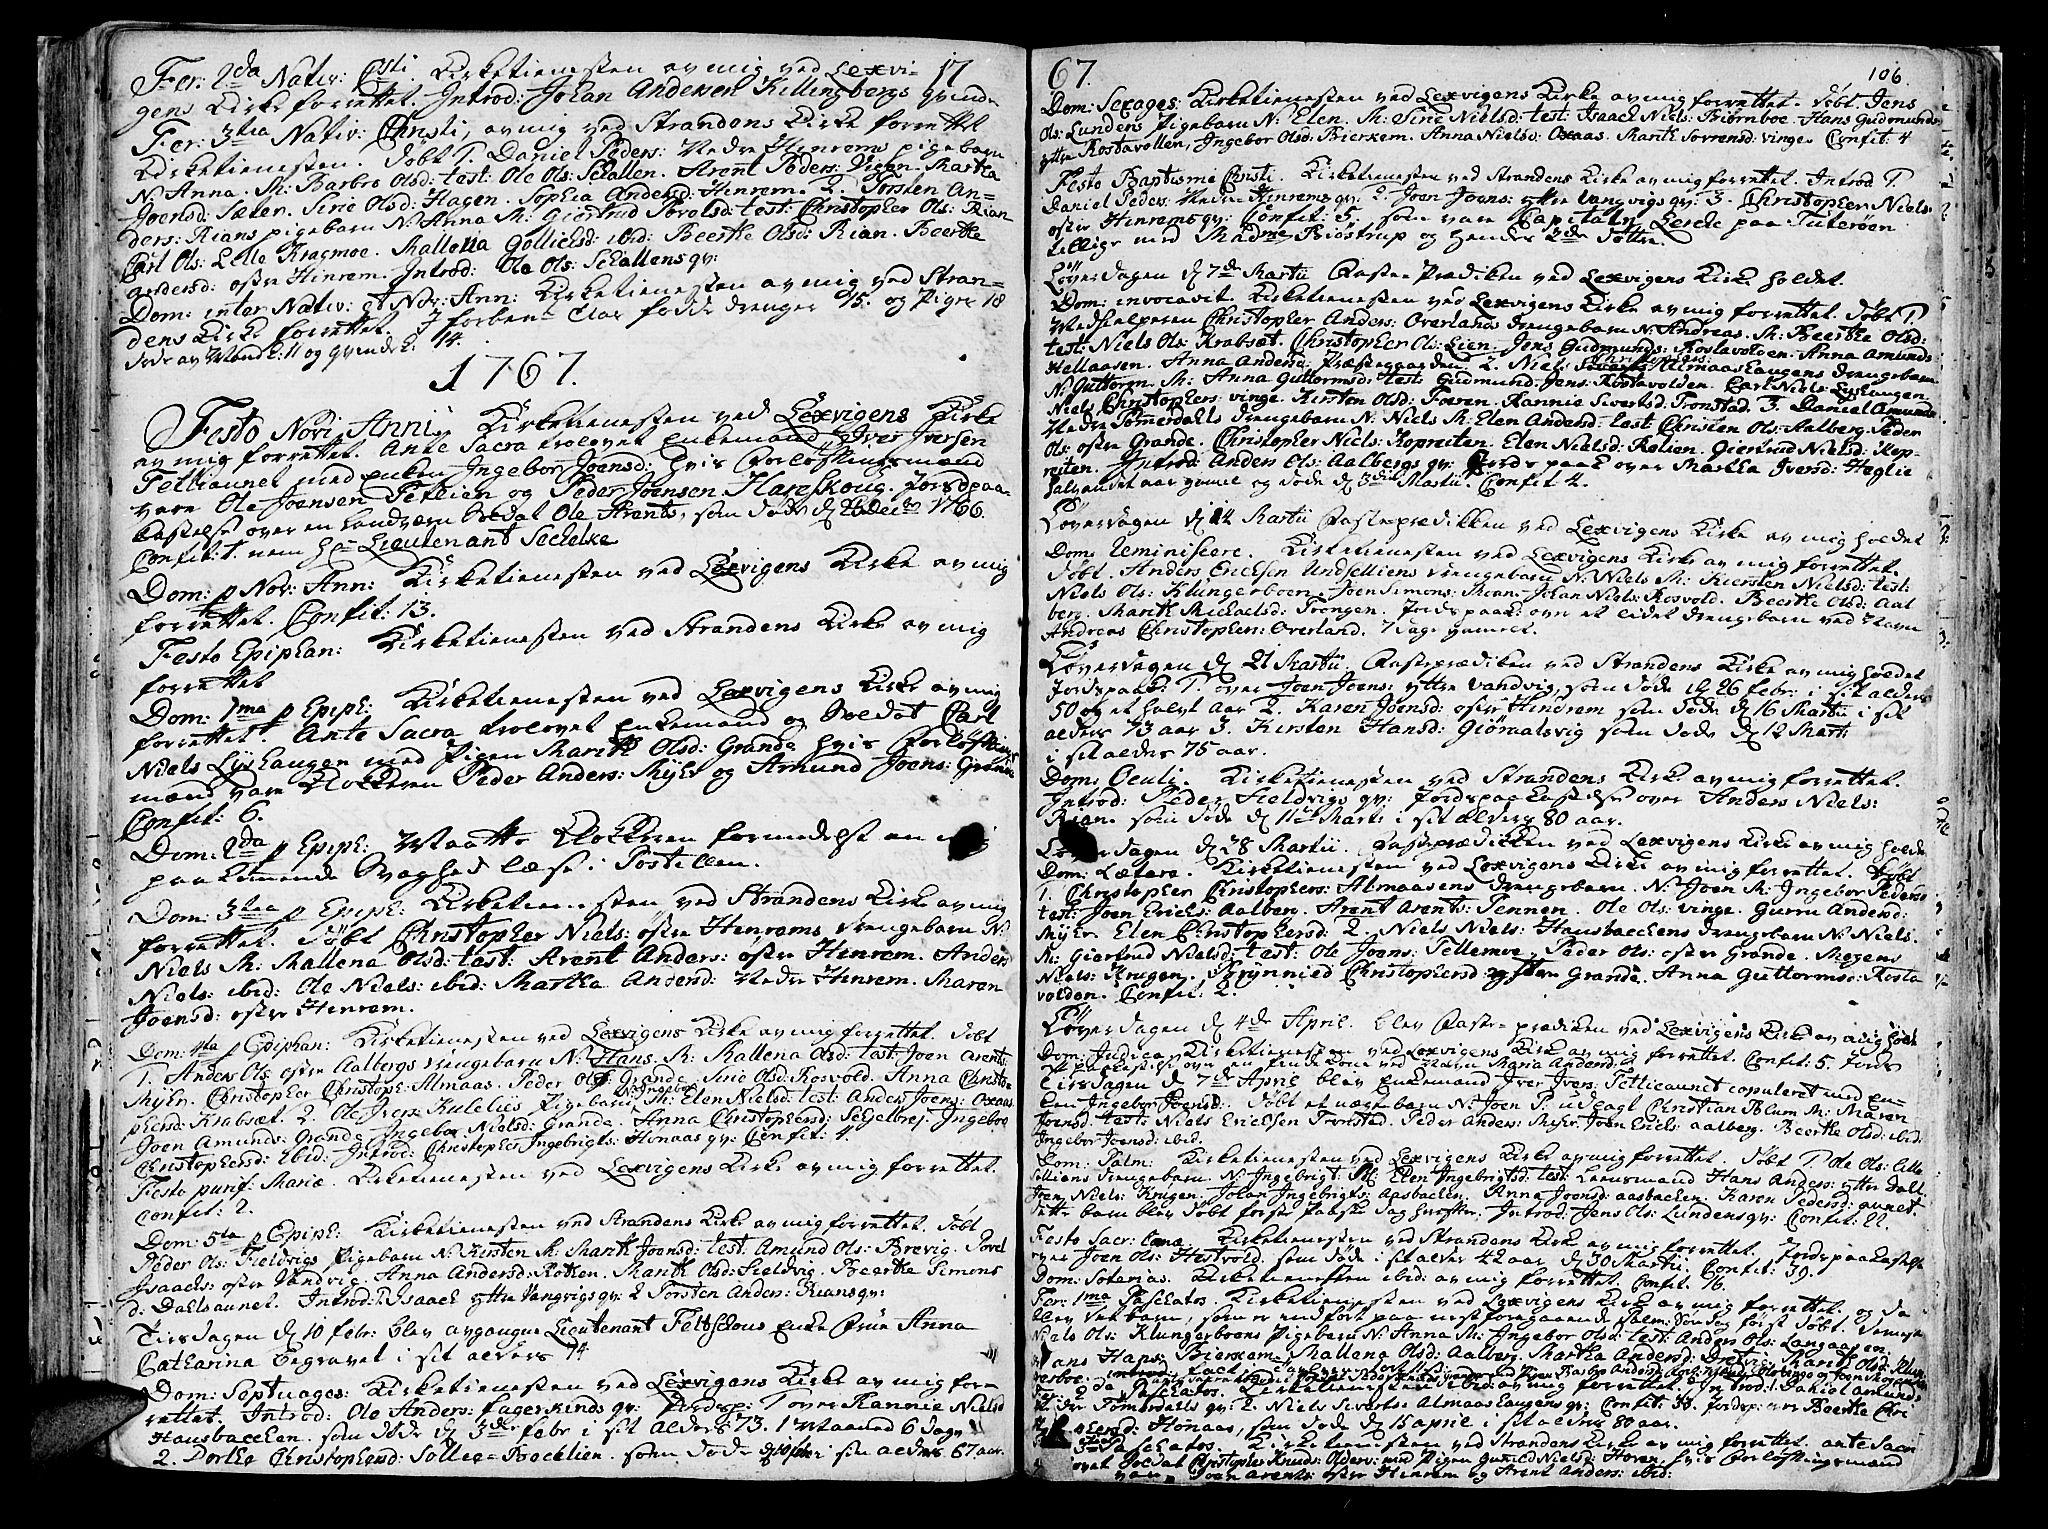 SAT, Ministerialprotokoller, klokkerbøker og fødselsregistre - Nord-Trøndelag, 701/L0003: Ministerialbok nr. 701A03, 1751-1783, s. 106